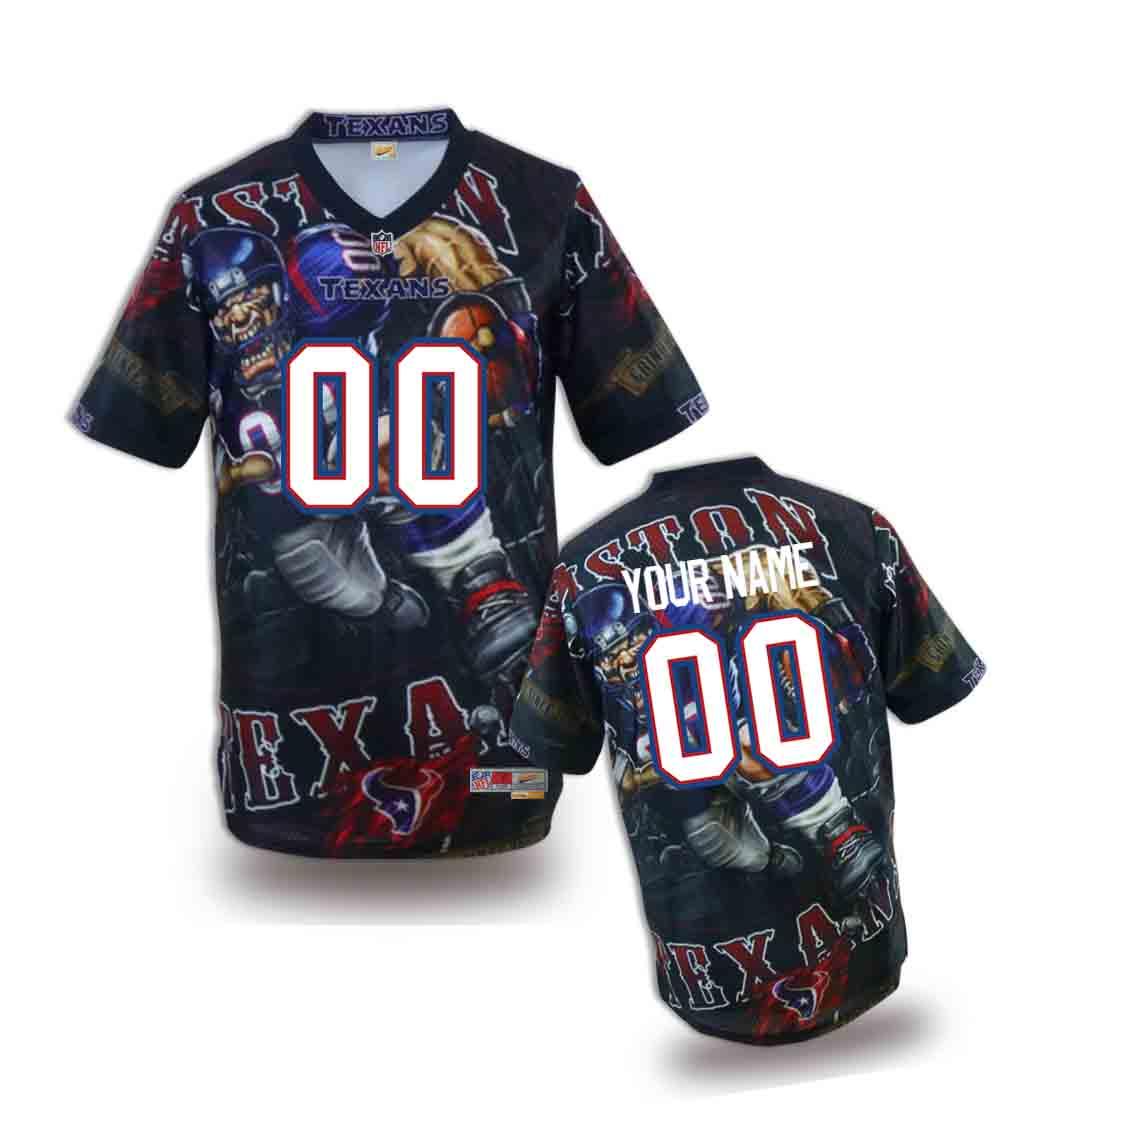 Nike Texans Customized Fashion Stitched Youth Jerseys01